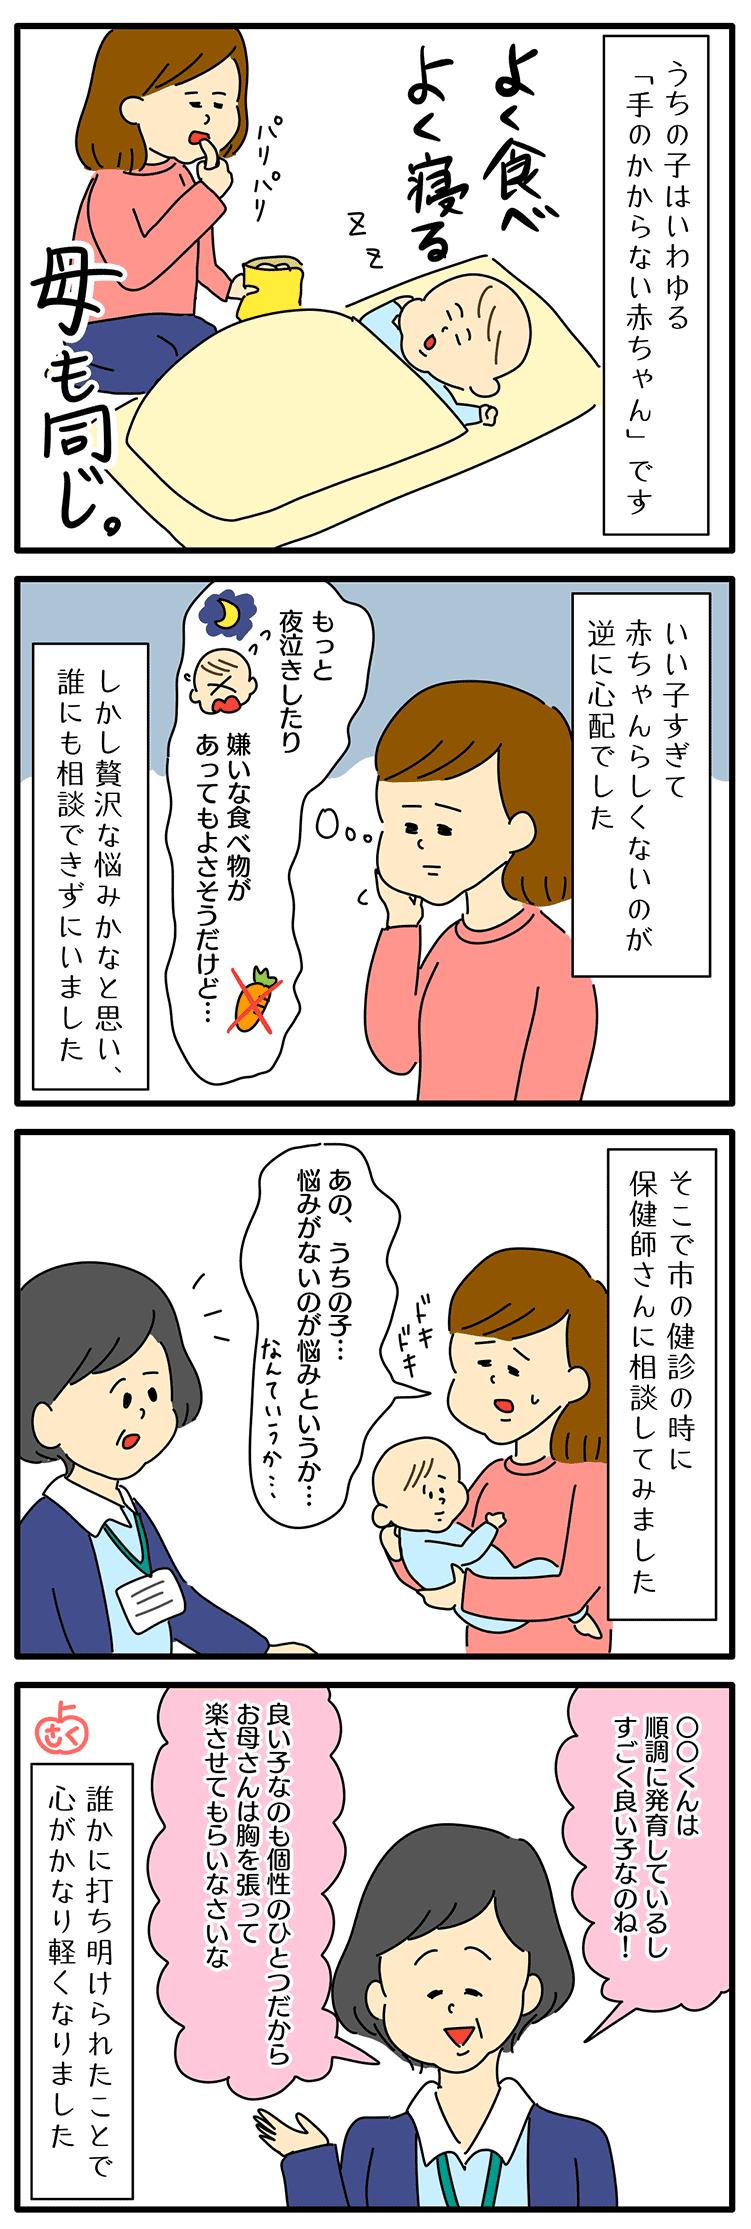 手のかからない赤ちゃんの永岡さくら(saku)さんの子育て4コマ漫画